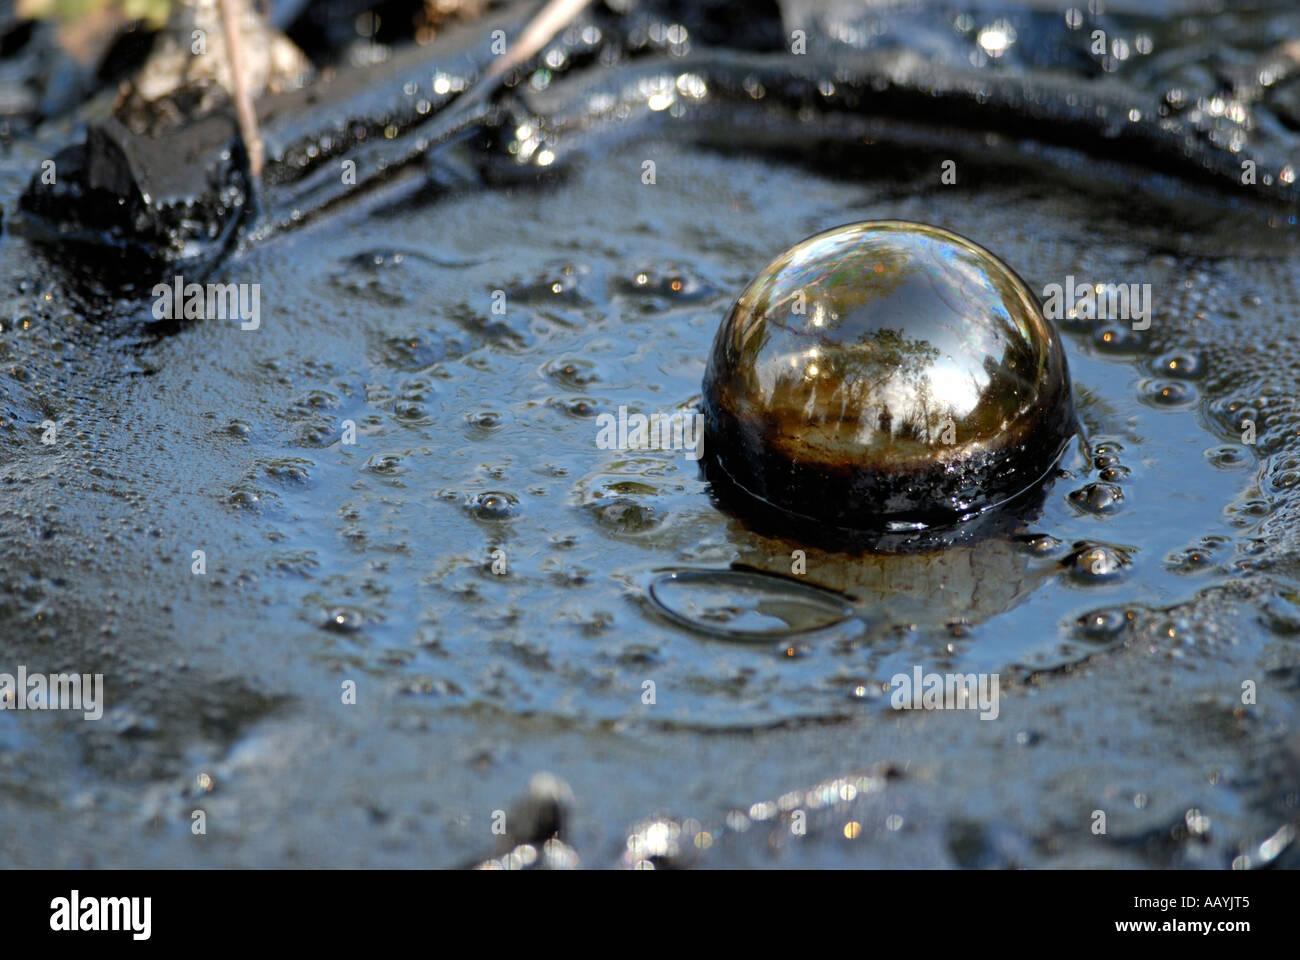 Burbuja de metano en el asfalto seep, La Brea Tar Pits, Página museum, Los Angeles, California Imagen De Stock